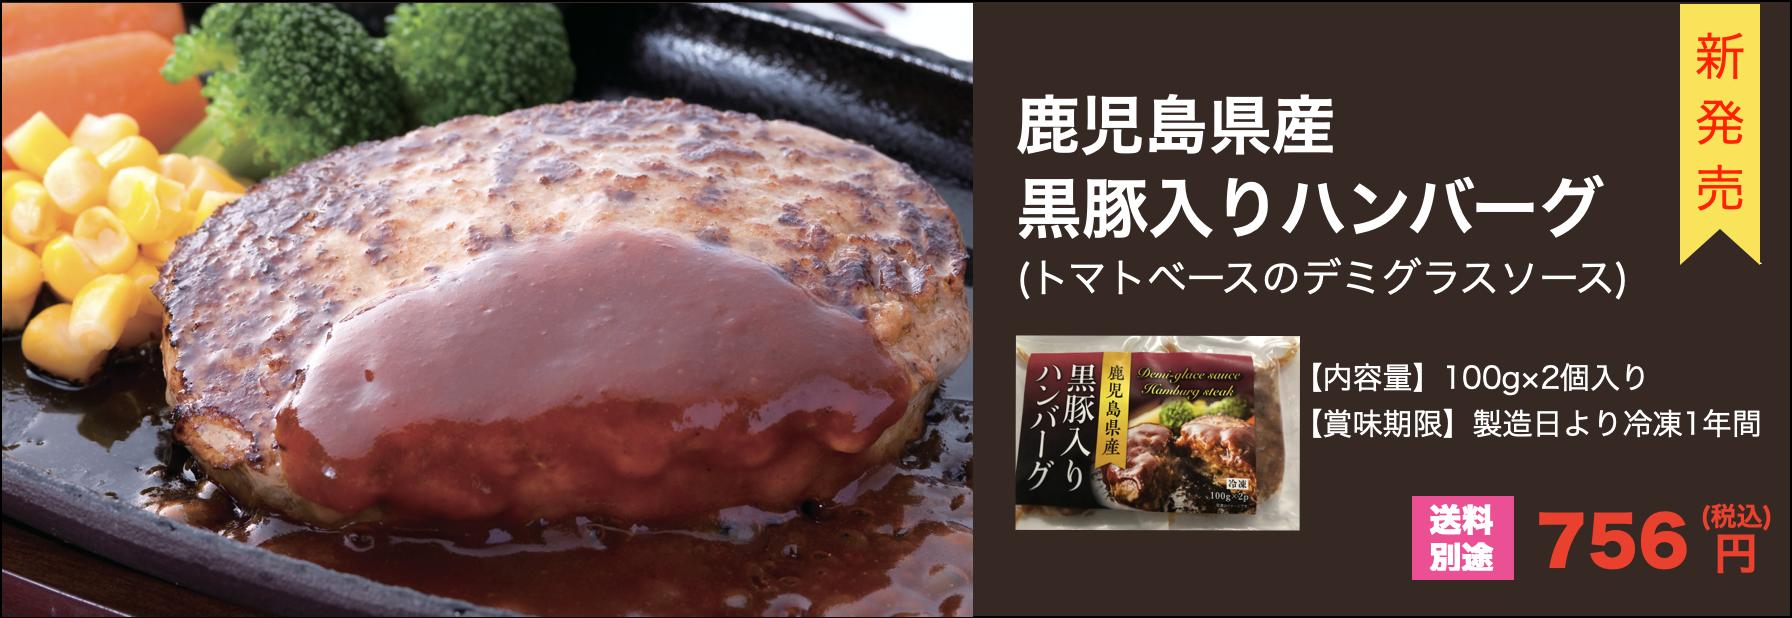 鹿児島県産 黒豚入りハンバーグ(デミグラスソース) 100g×2個入り